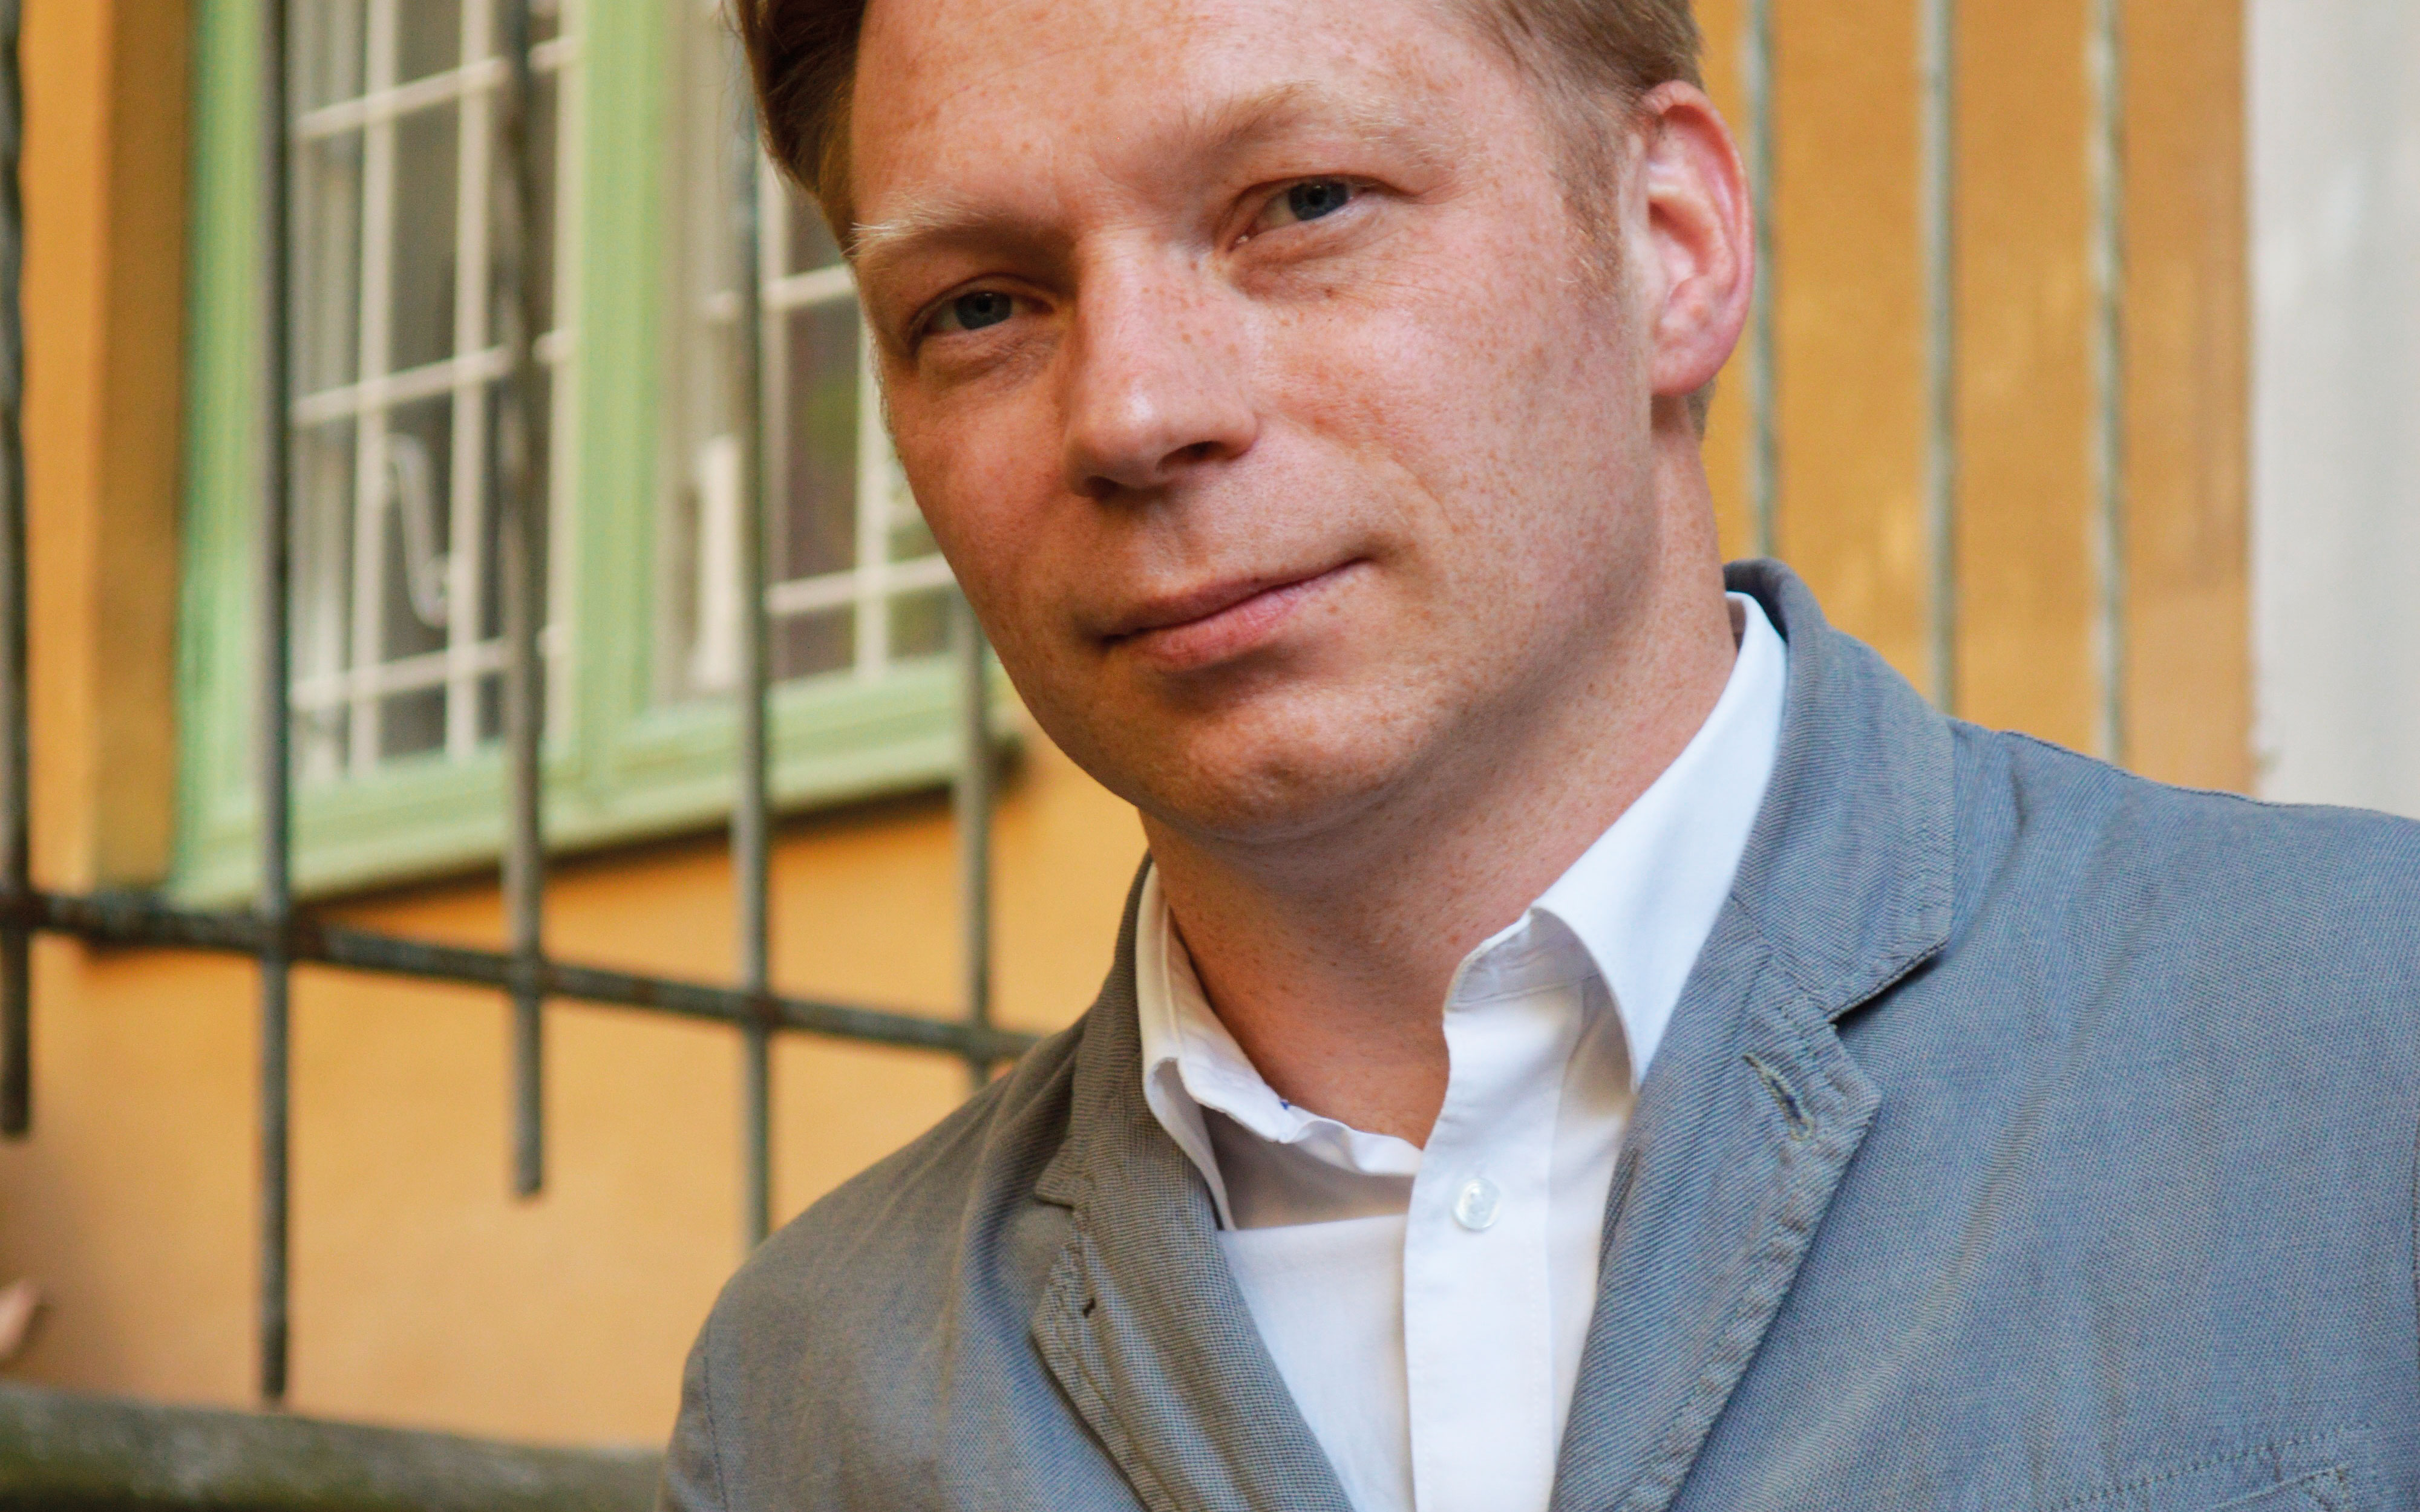 Daniel Gustafsson Pech, översättare. Bild: Christina Pech - etc-daniel-gustafsson-pech-foto-christina-pech